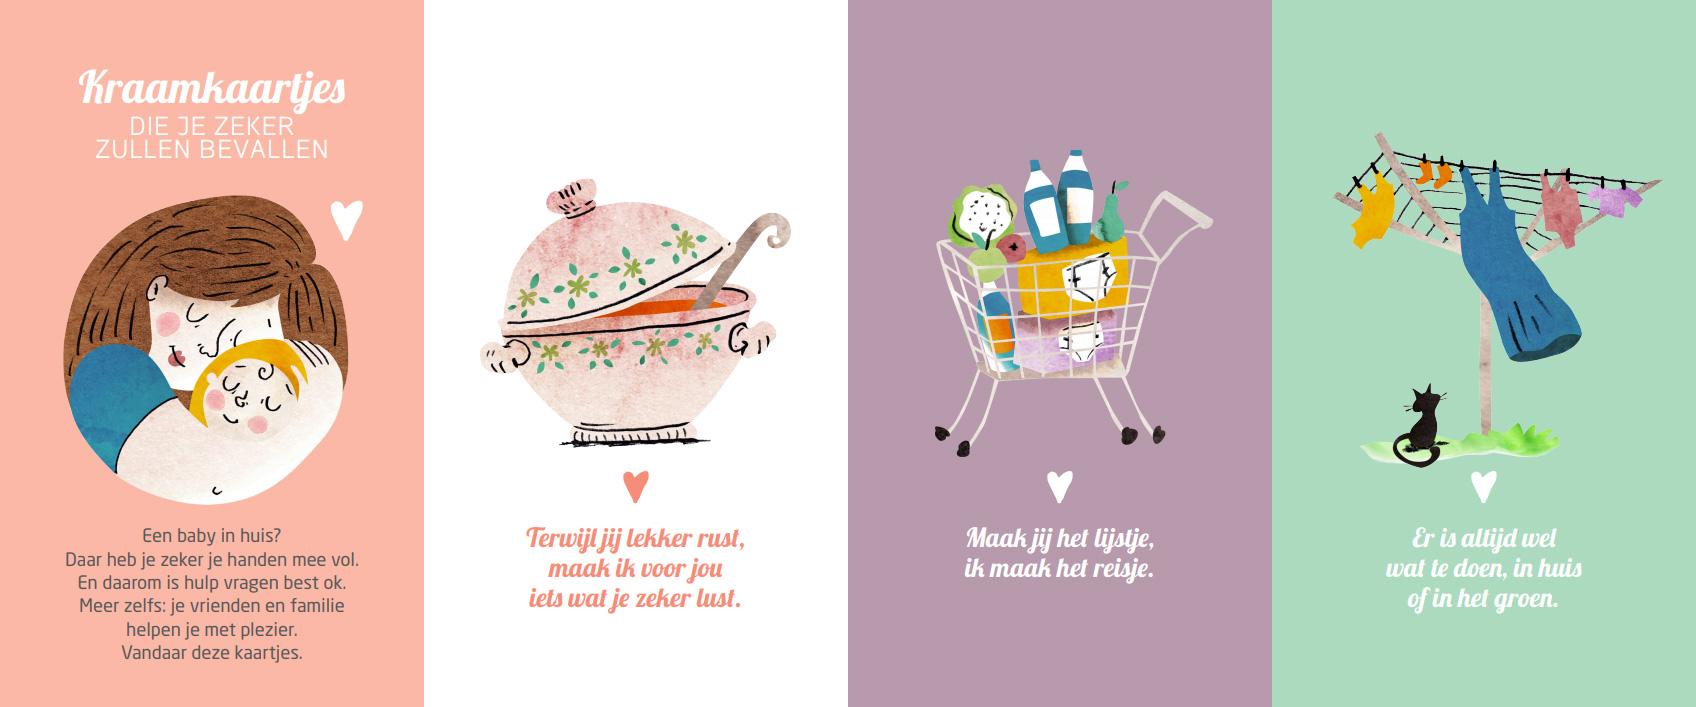 Kraamkaartjes van Kind en Gezin